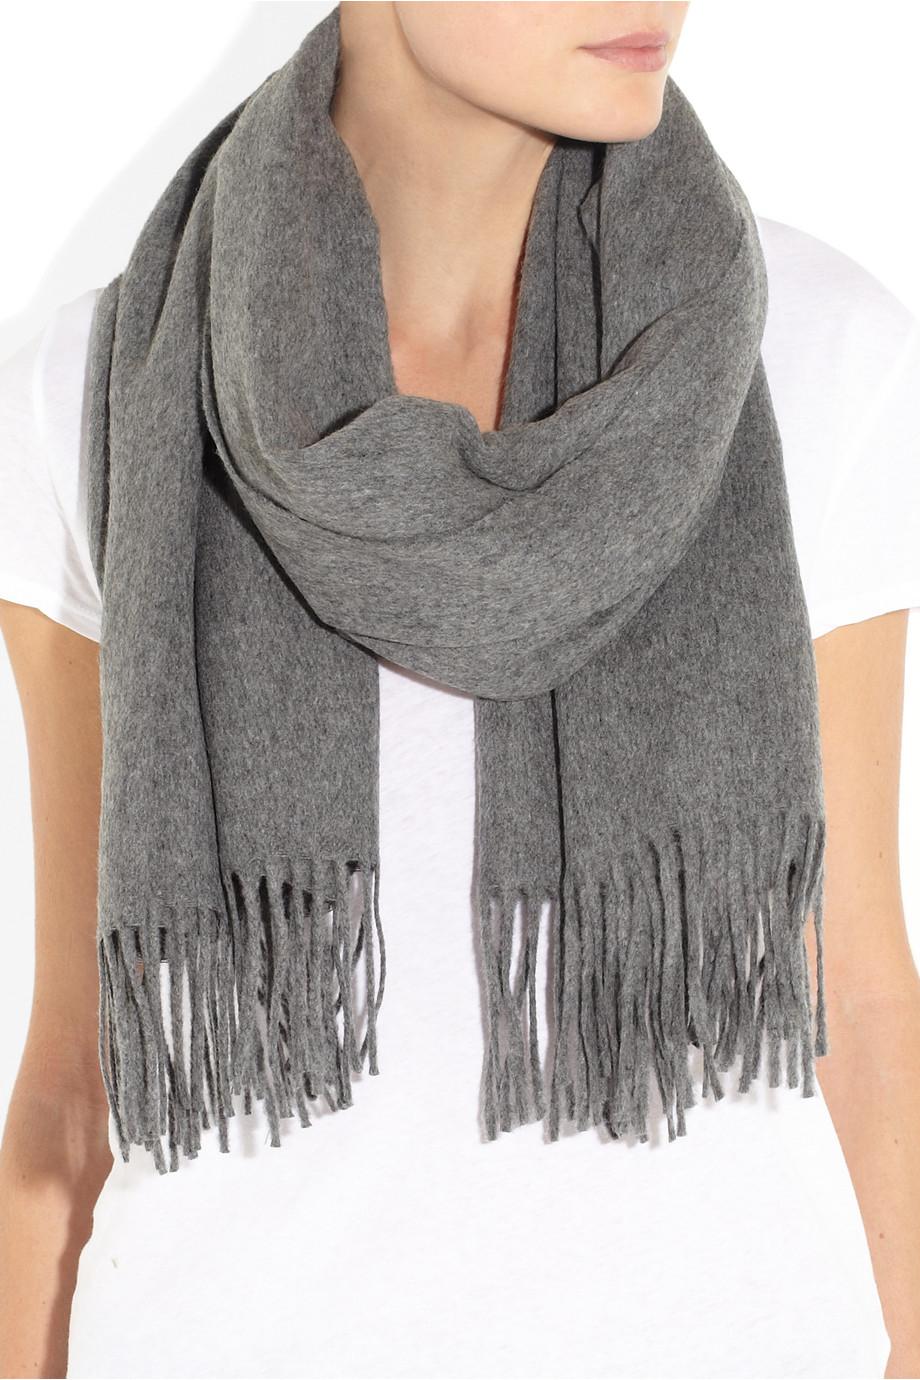 Acne Studios Canada Wool Scarf in Gray - Lyst